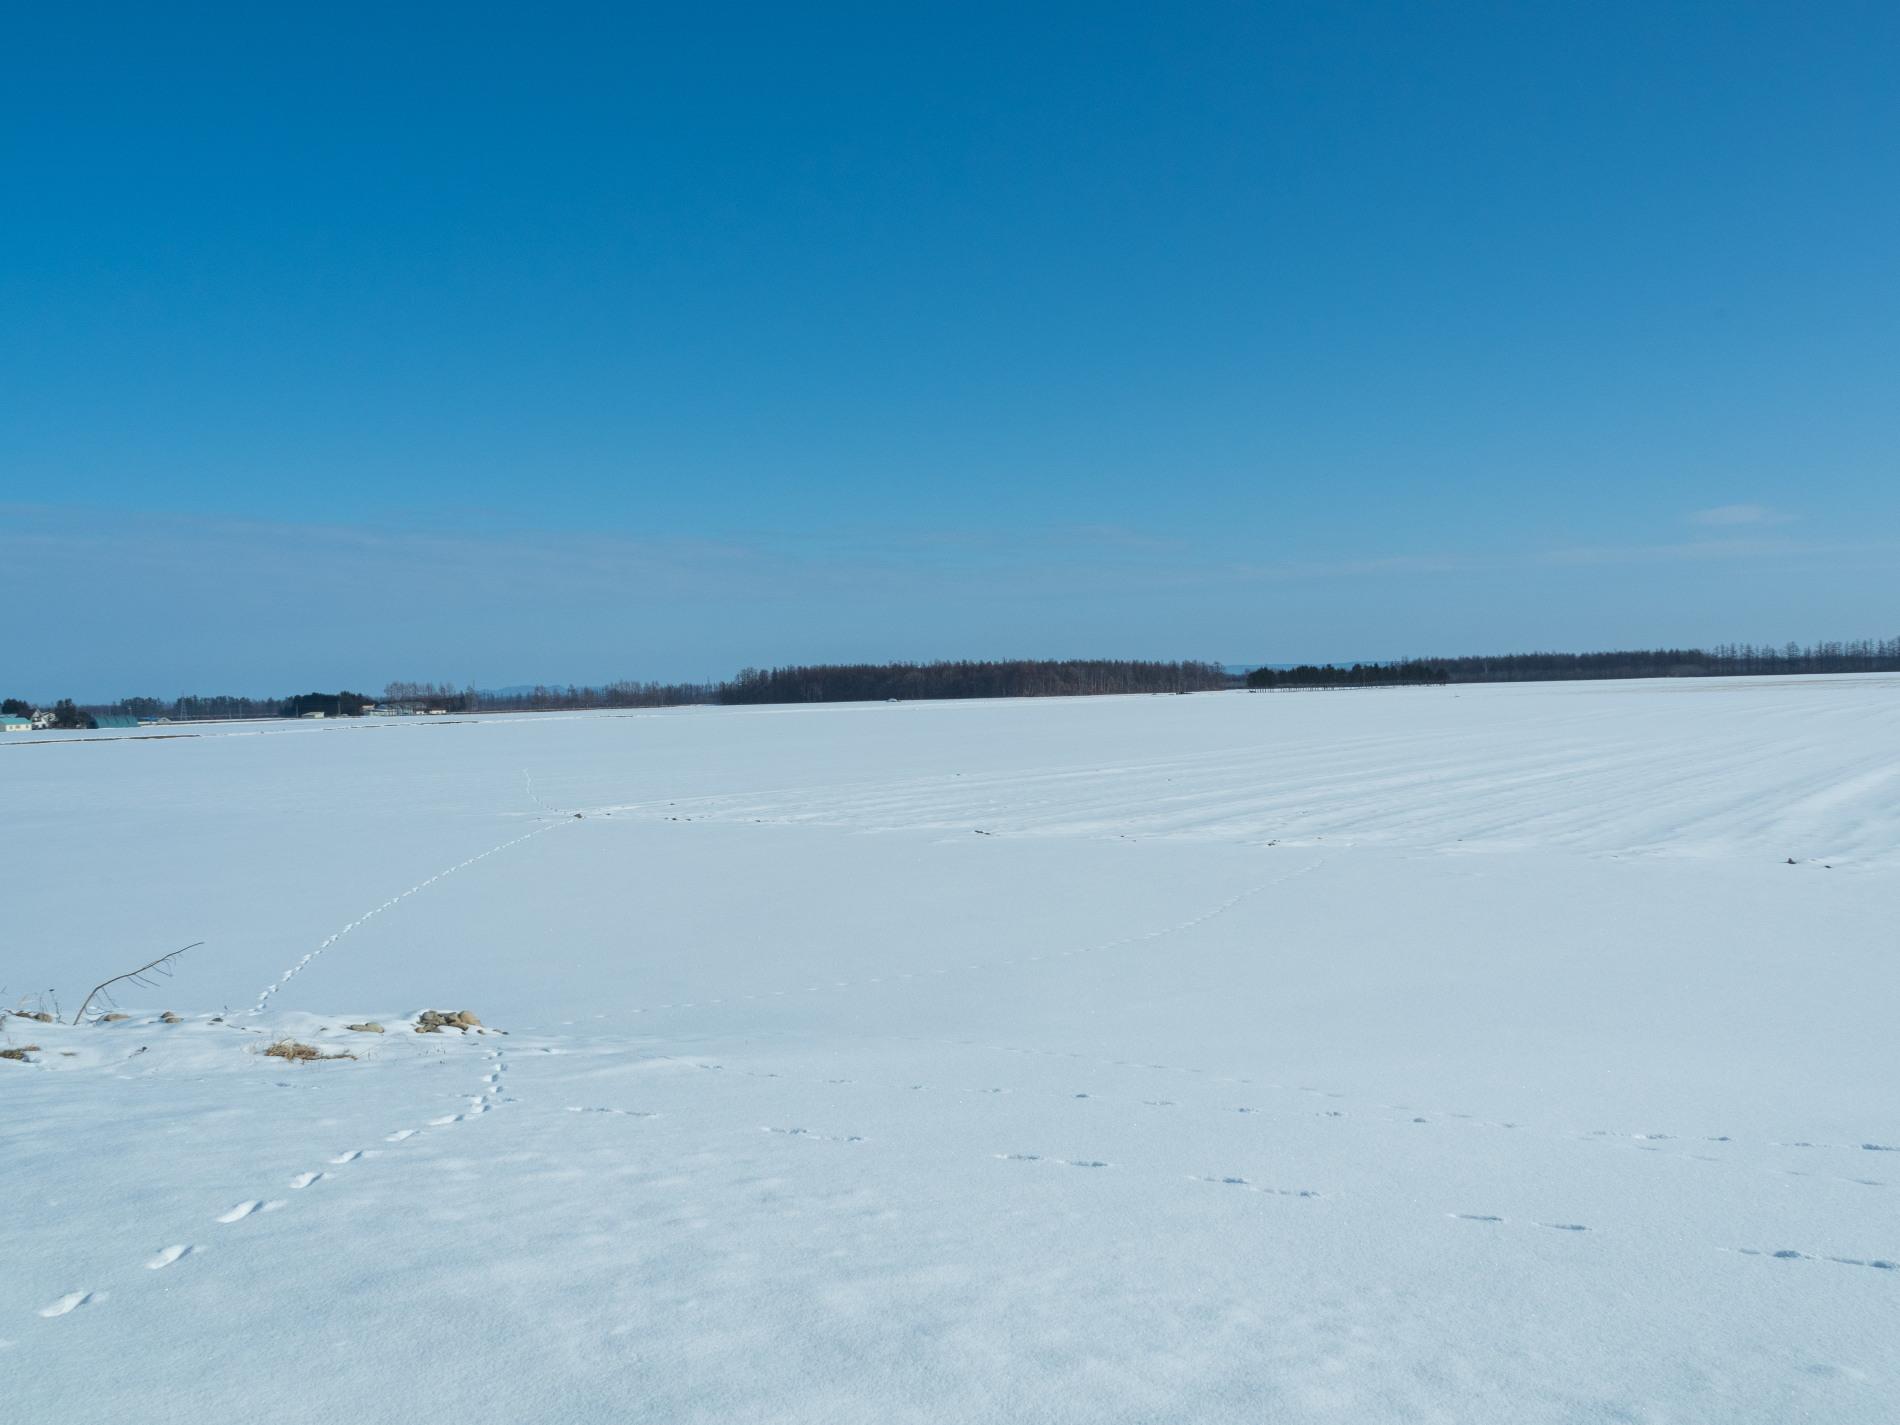 師走の中札内村の農村風景・・今年はちょっと雪が少ない?_f0276498_13540160.jpg